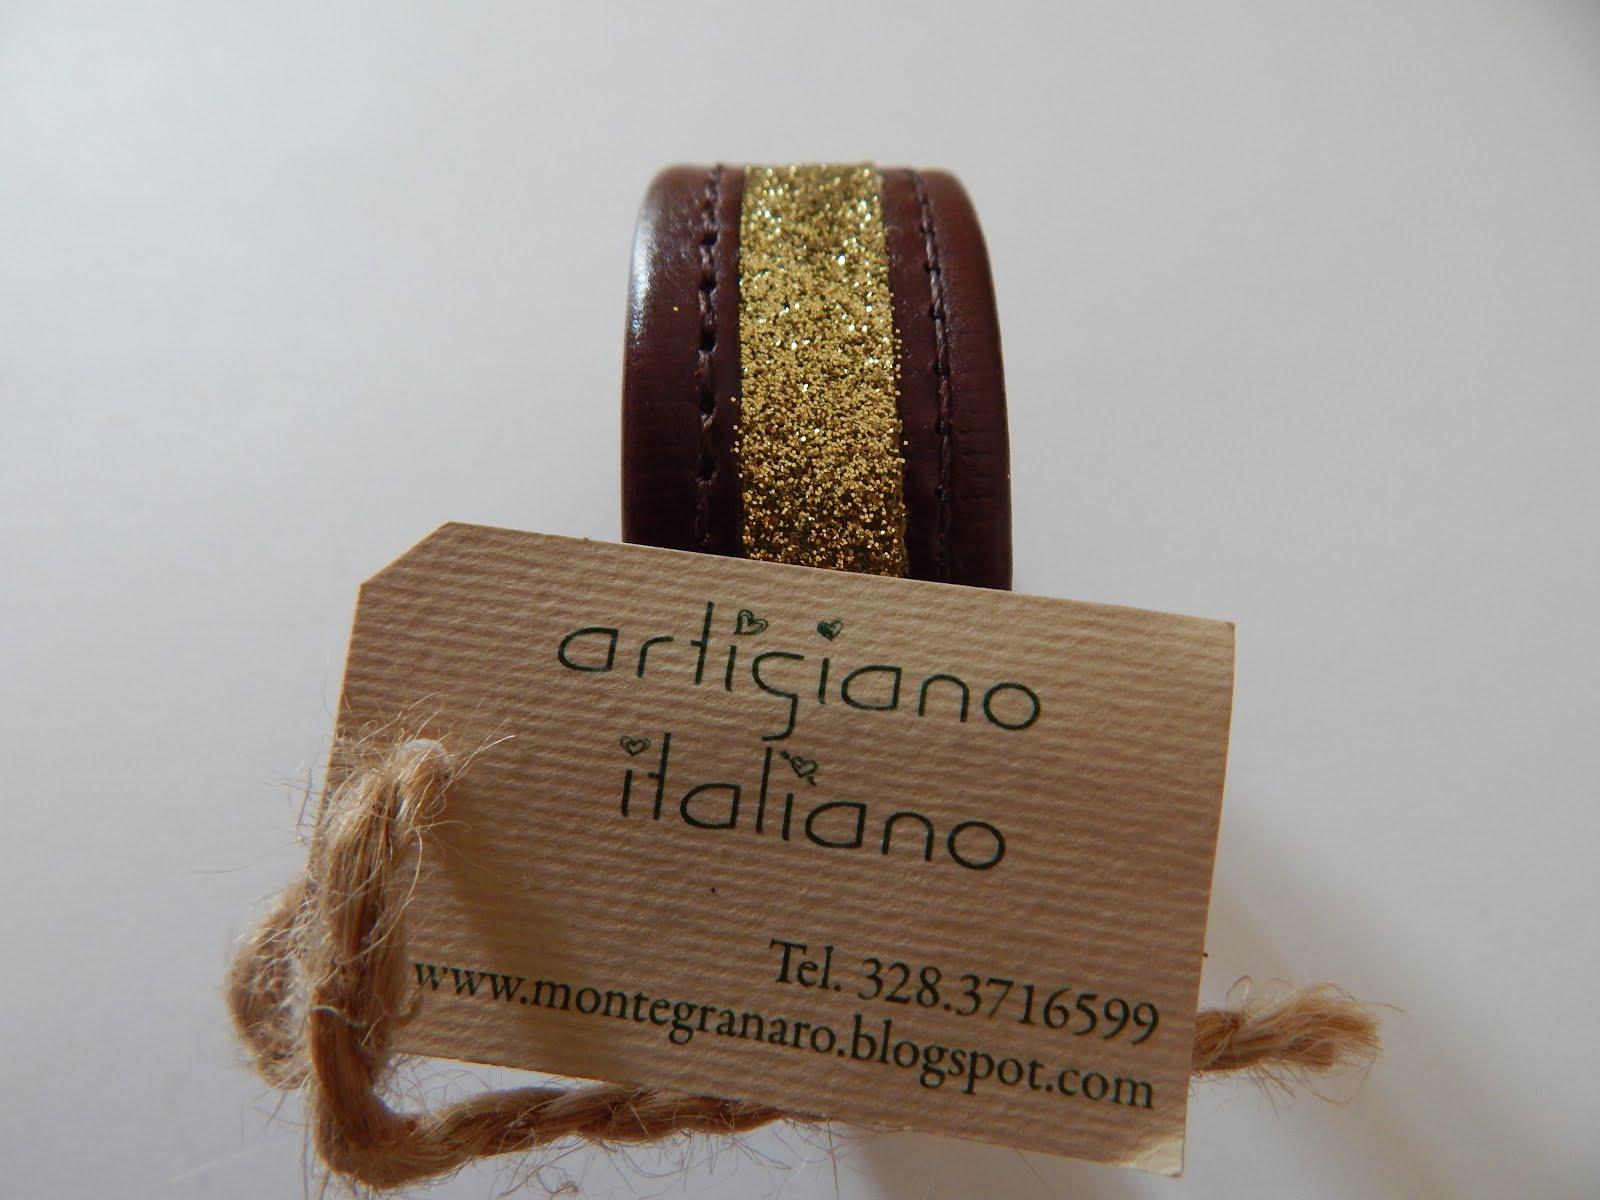 Artigiano italiano che crea braccialetti unici con materiali di qualità